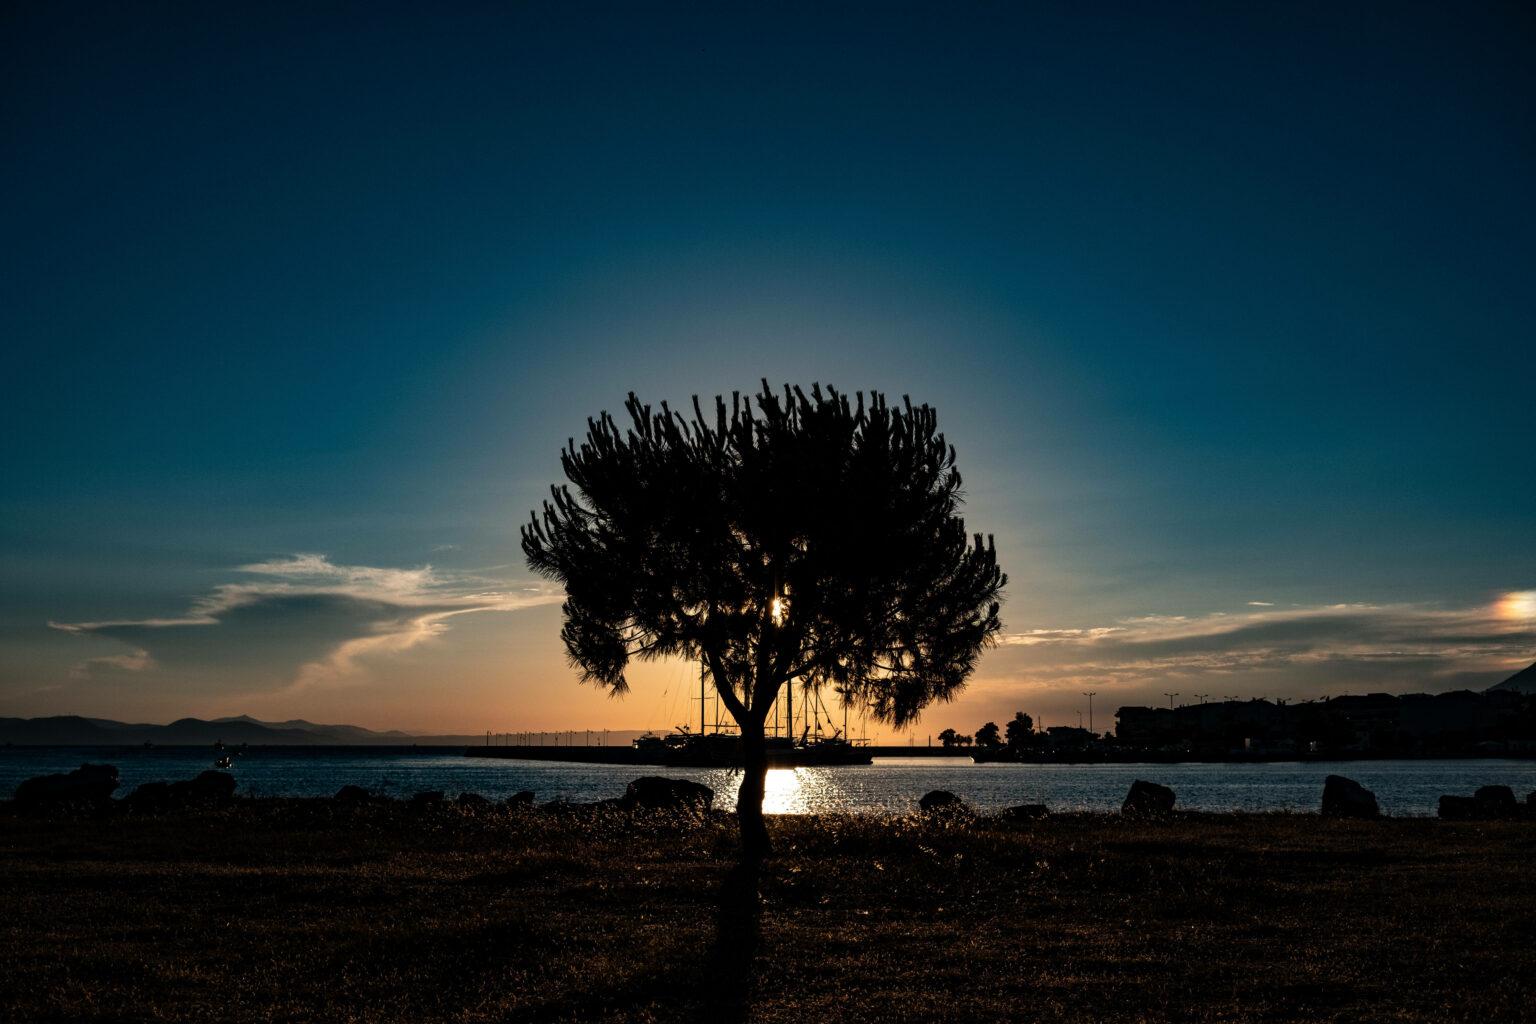 IMAGO / Wassilis Aswestopoulos